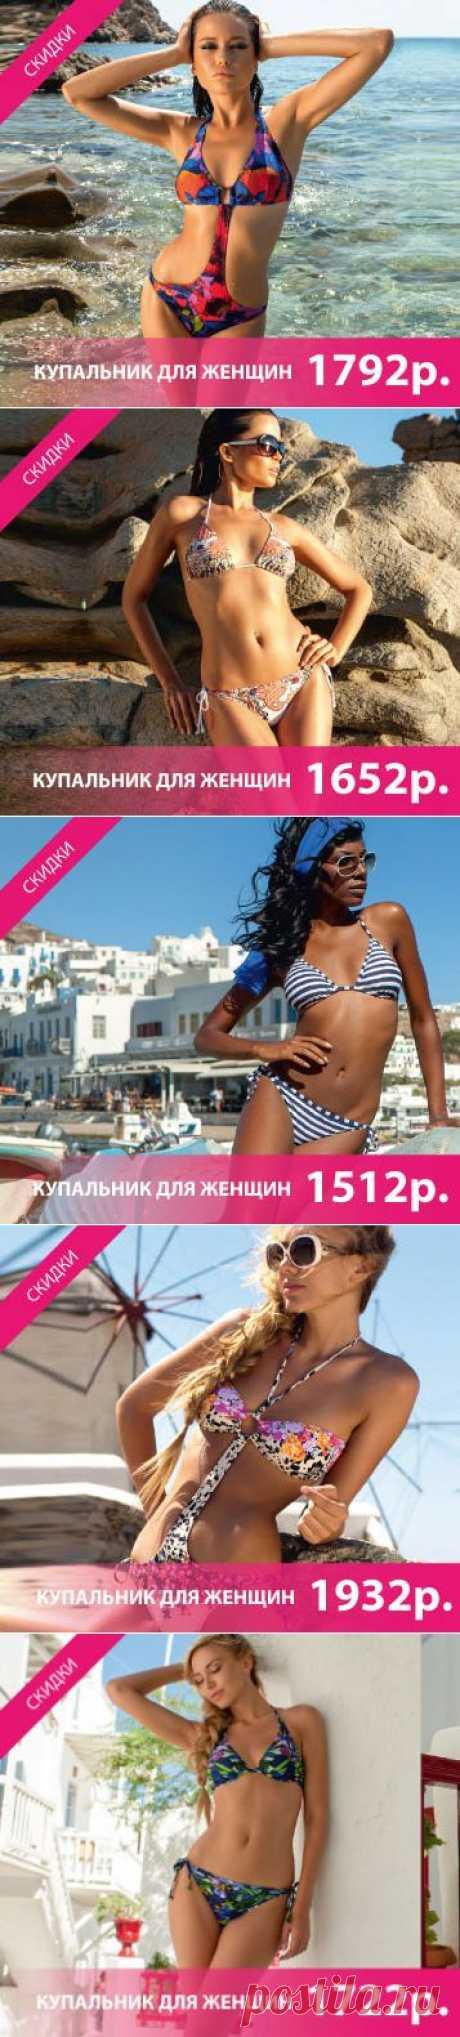 Легендарные купальники от Charmante со скидкой до 60%! (optin.custom) : Рассылка : Subscribe.Ru